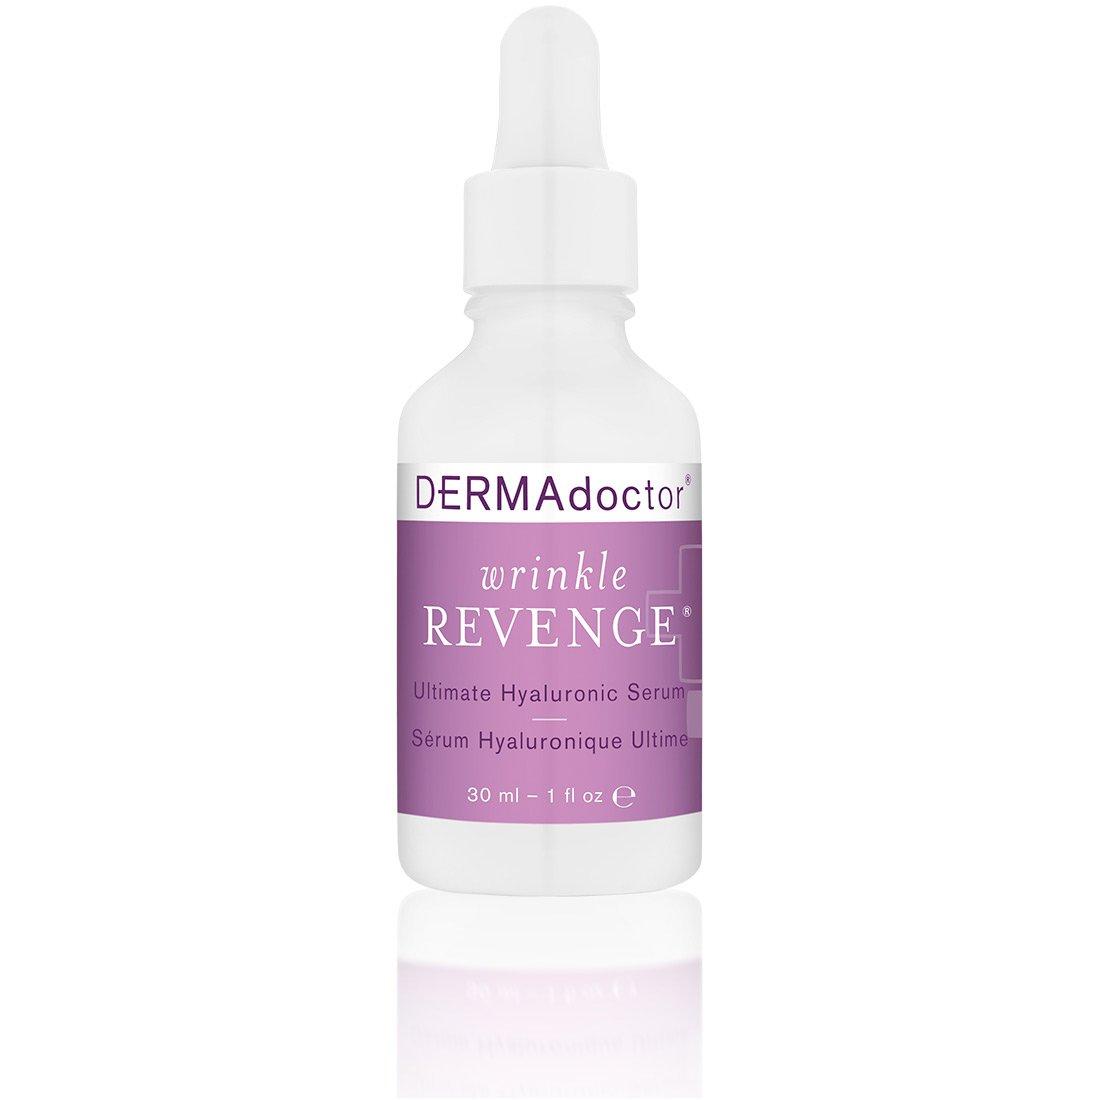 DERMAdoctor Wrinkle Revenge Ultimate Hyaluronic Serum, 1 oz.